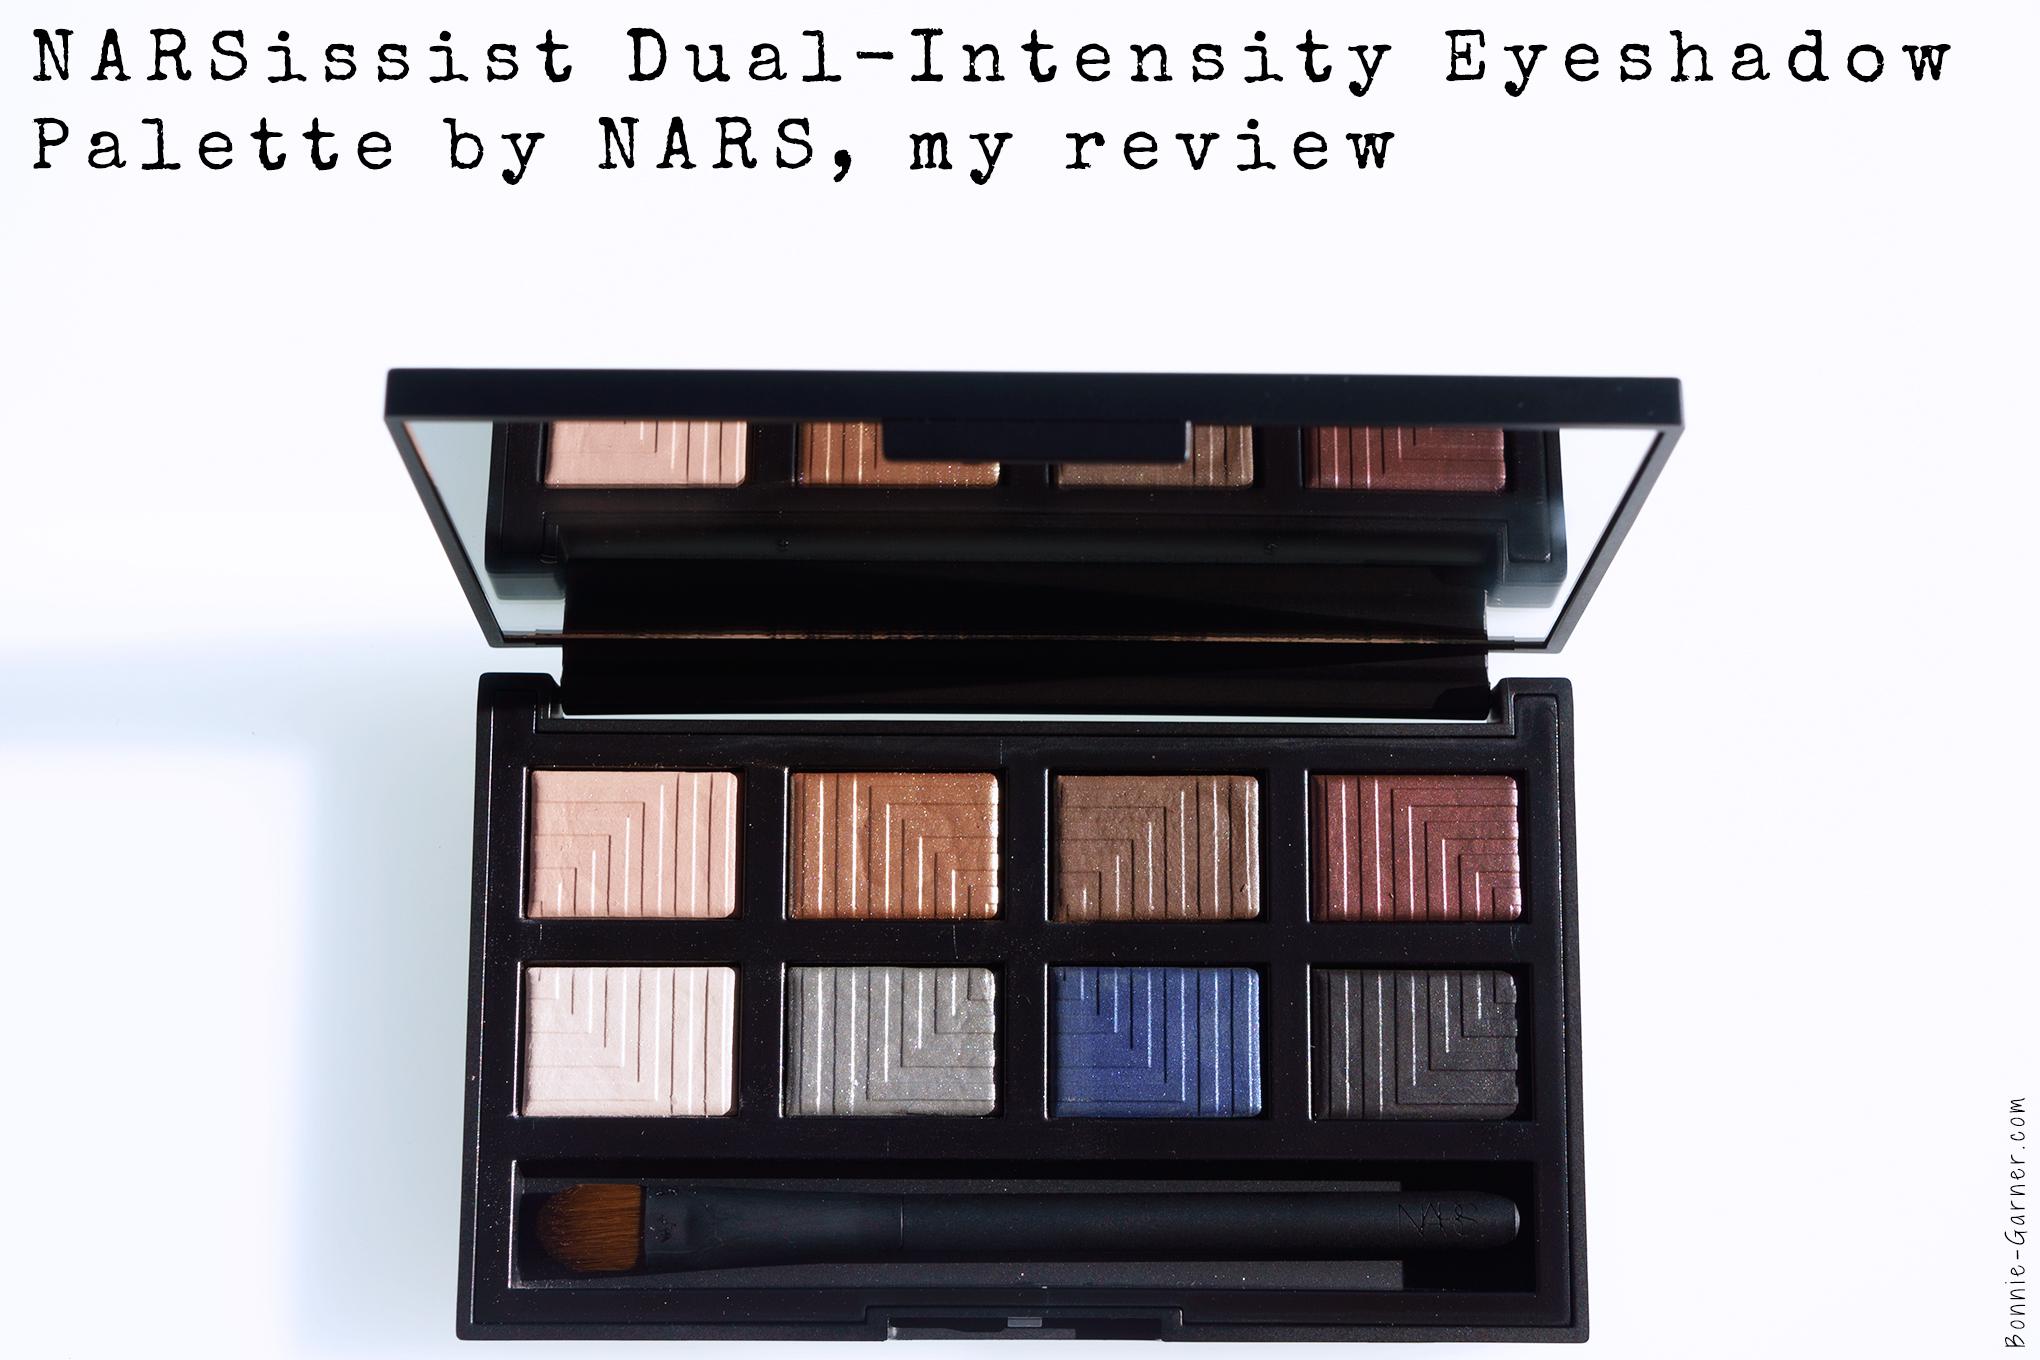 NARS Fall makeup collection 2014